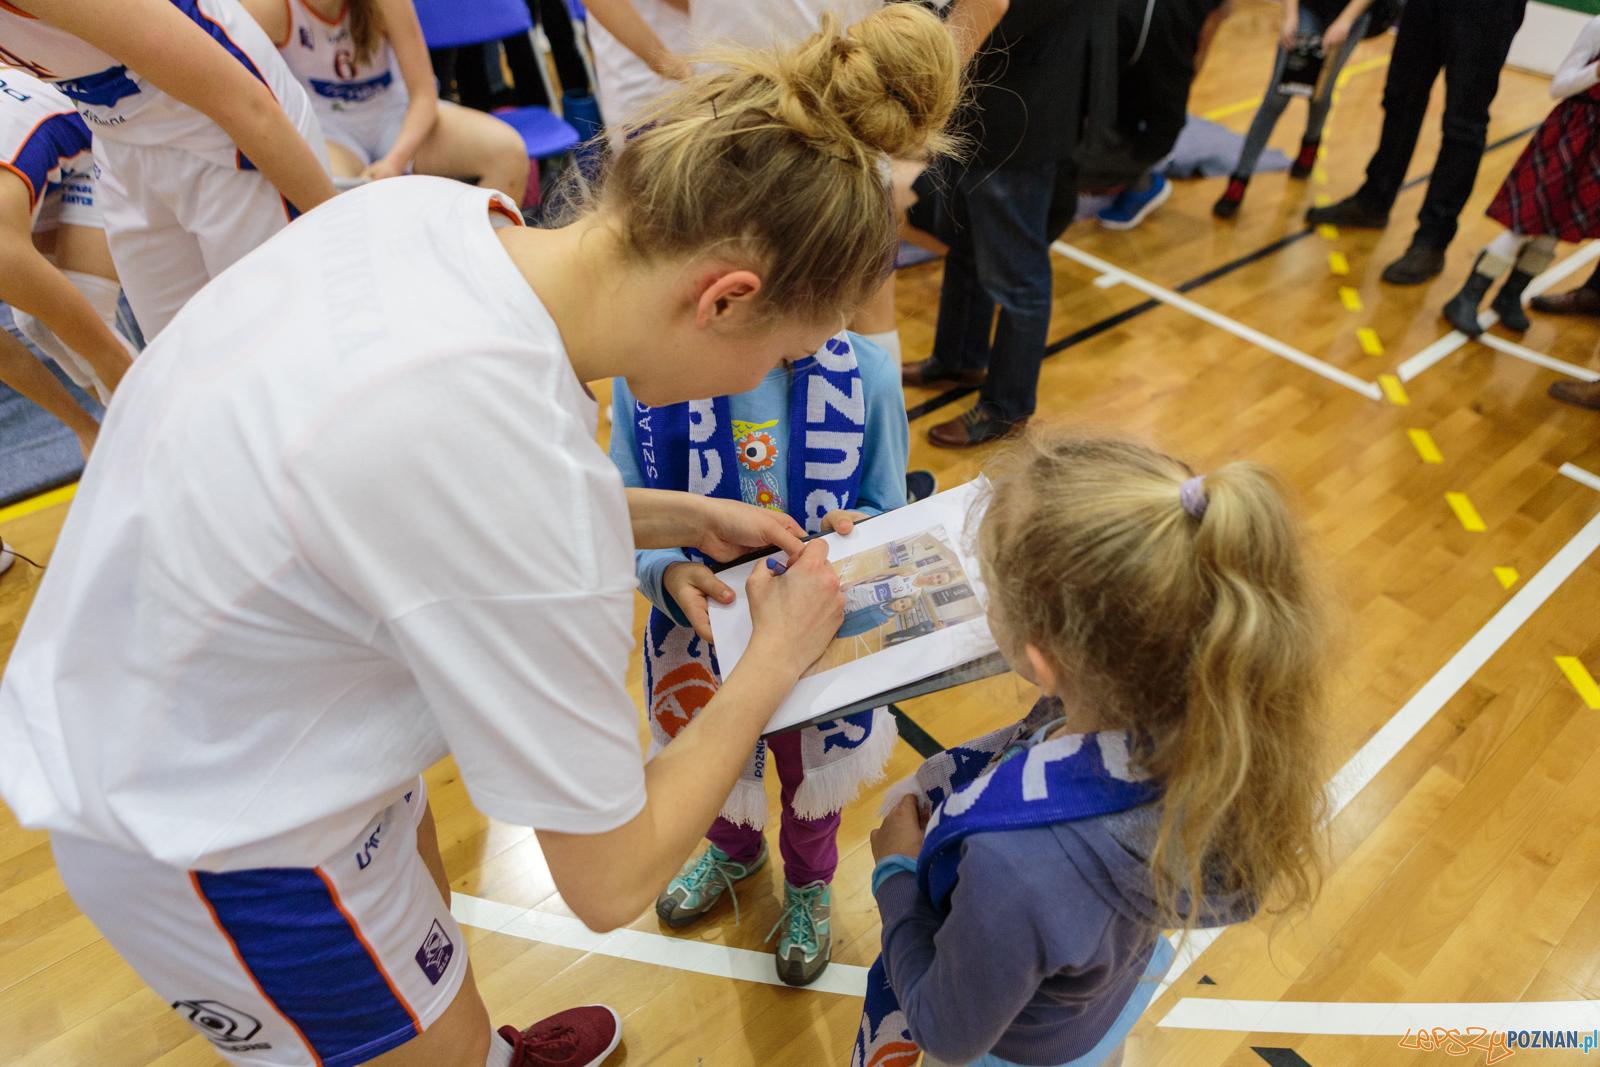 1 liga koszykówki: Enea AZS Poznań - InvestInTheWest AZS AJP G  Foto: LepszyPOZNAN.pl / Paweł Rychter